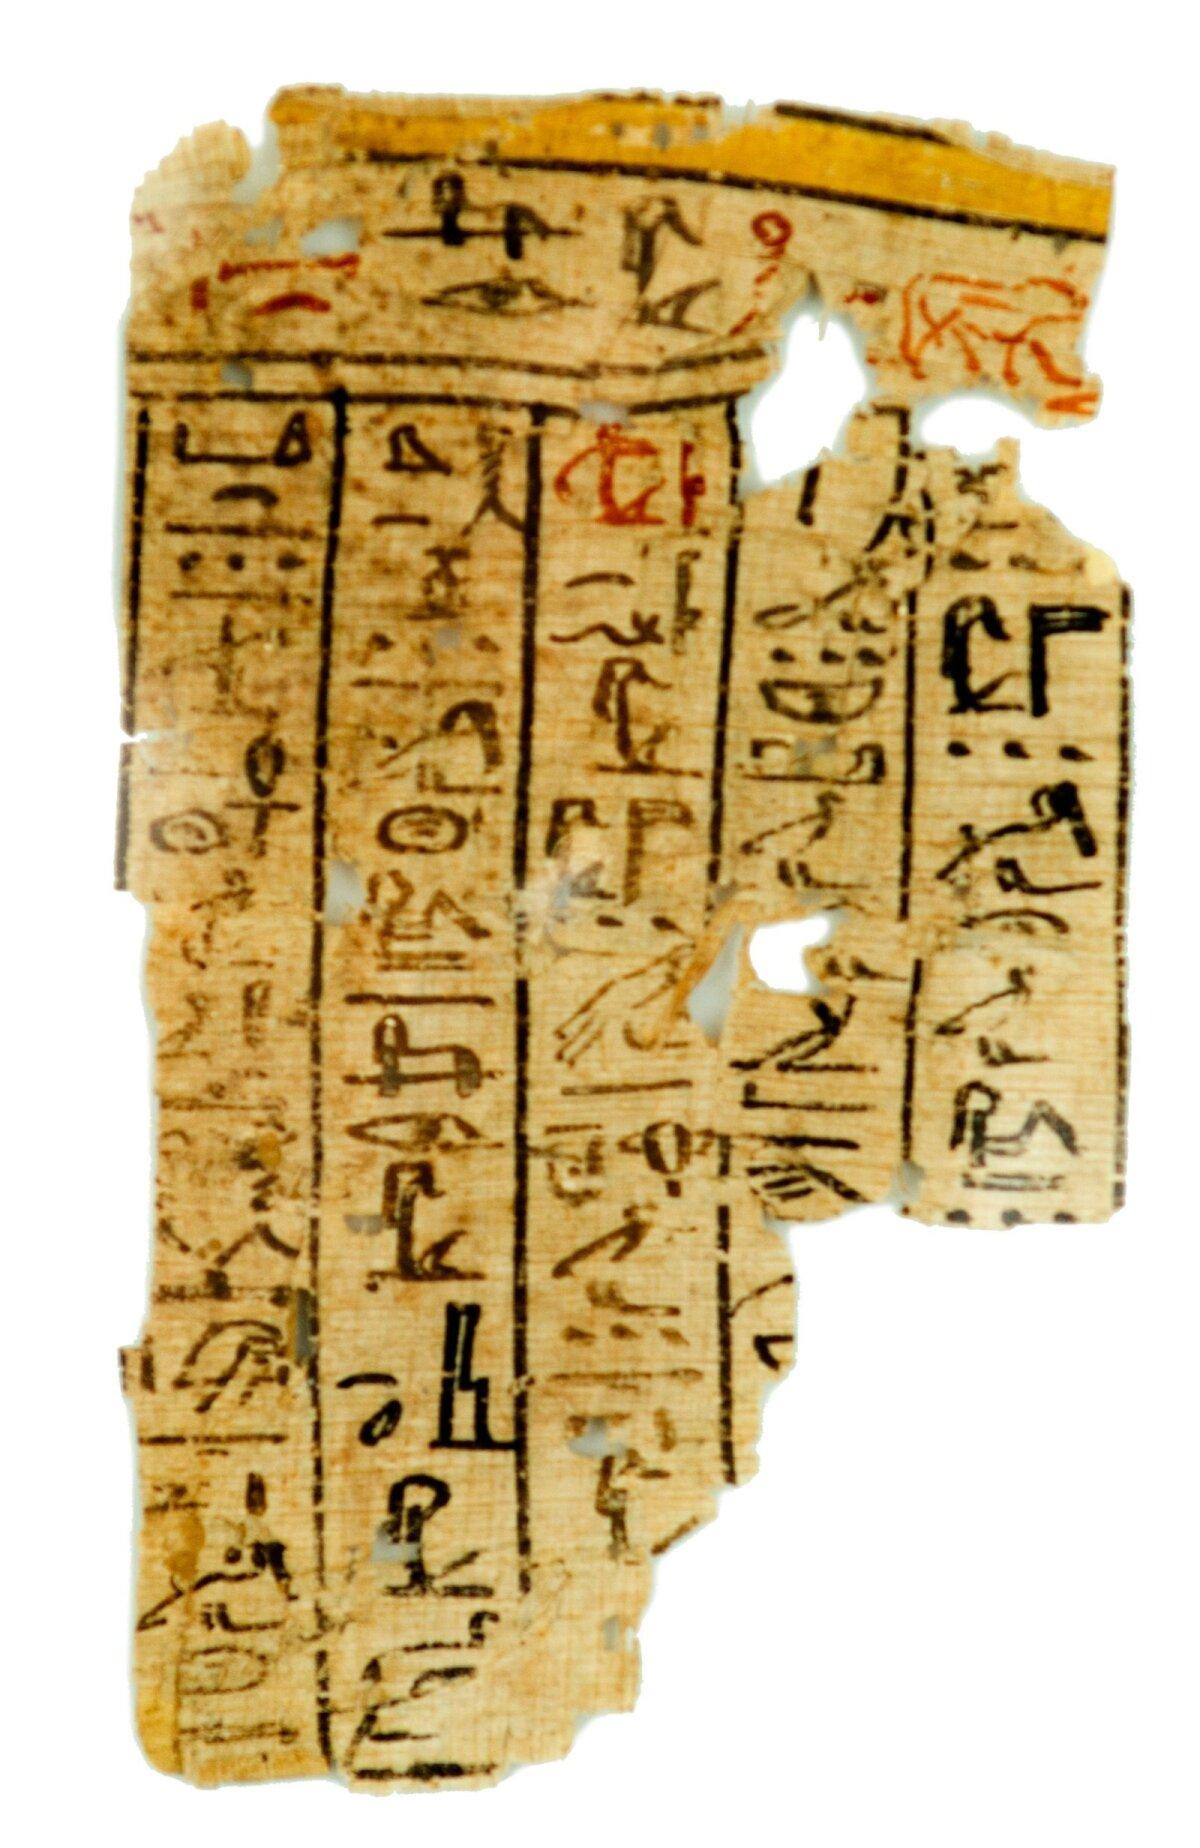 Фрагмент папируса из гробницы недалеко от Мемфиса иероглифическим шрифтом с отрывком из Книги Мертвых. Новое царство (XVI-XI вв. до н.э.).